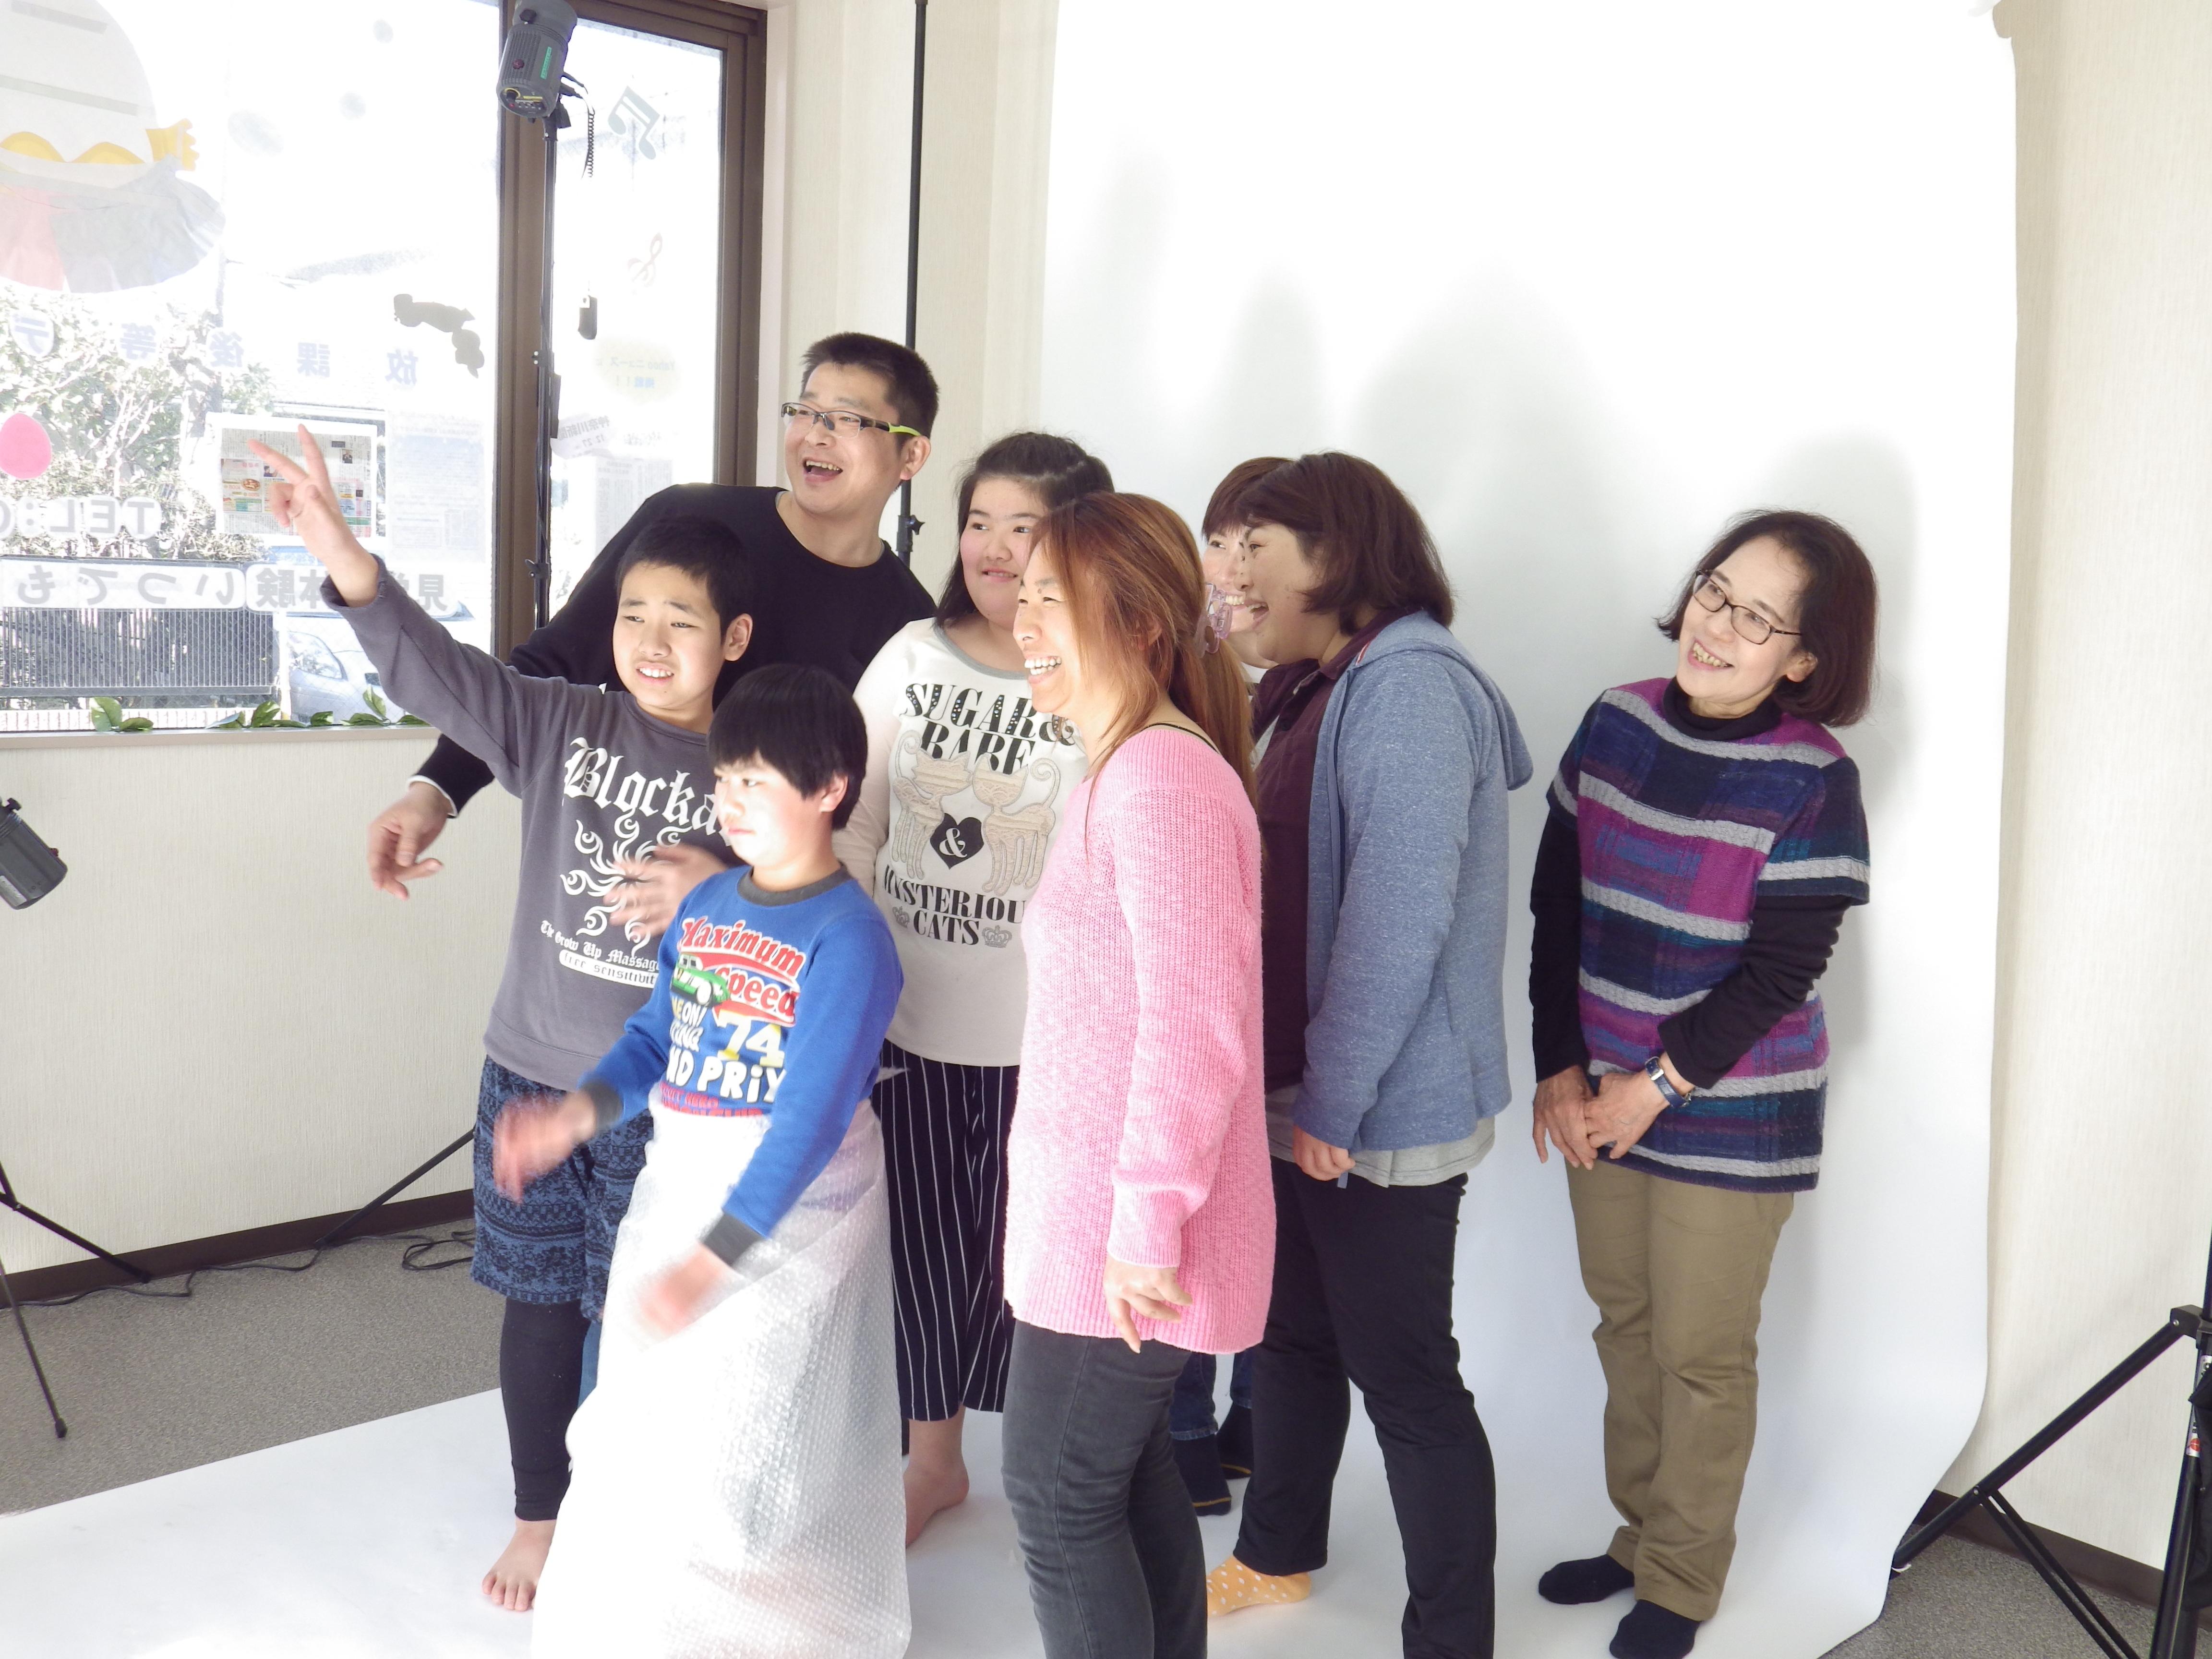 障がいのお子さんを持つ家族の夢「家族写真撮影会」第1回目無事に終わりました!次回は3月10日決定。